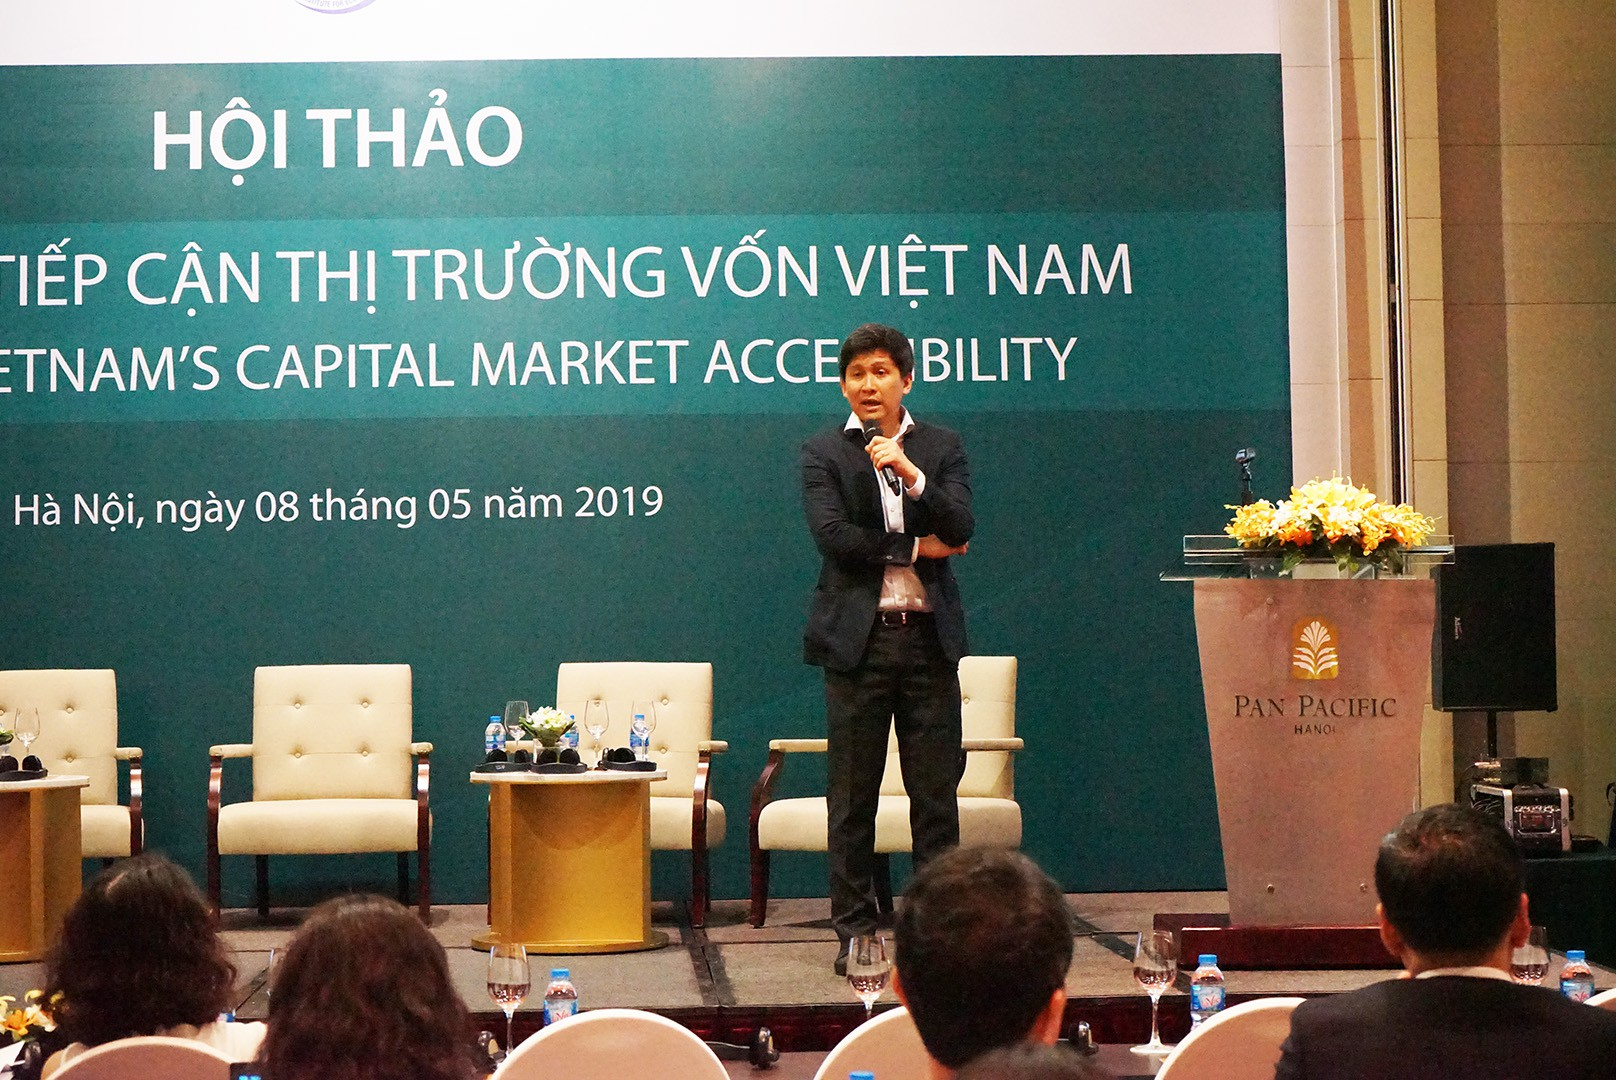 Dragon Capital: 'NĐT nước ngoài không có cổ phiếu để đầu tư, cổ phiếu hết room định giá cực kì thấp' - Ảnh 1.